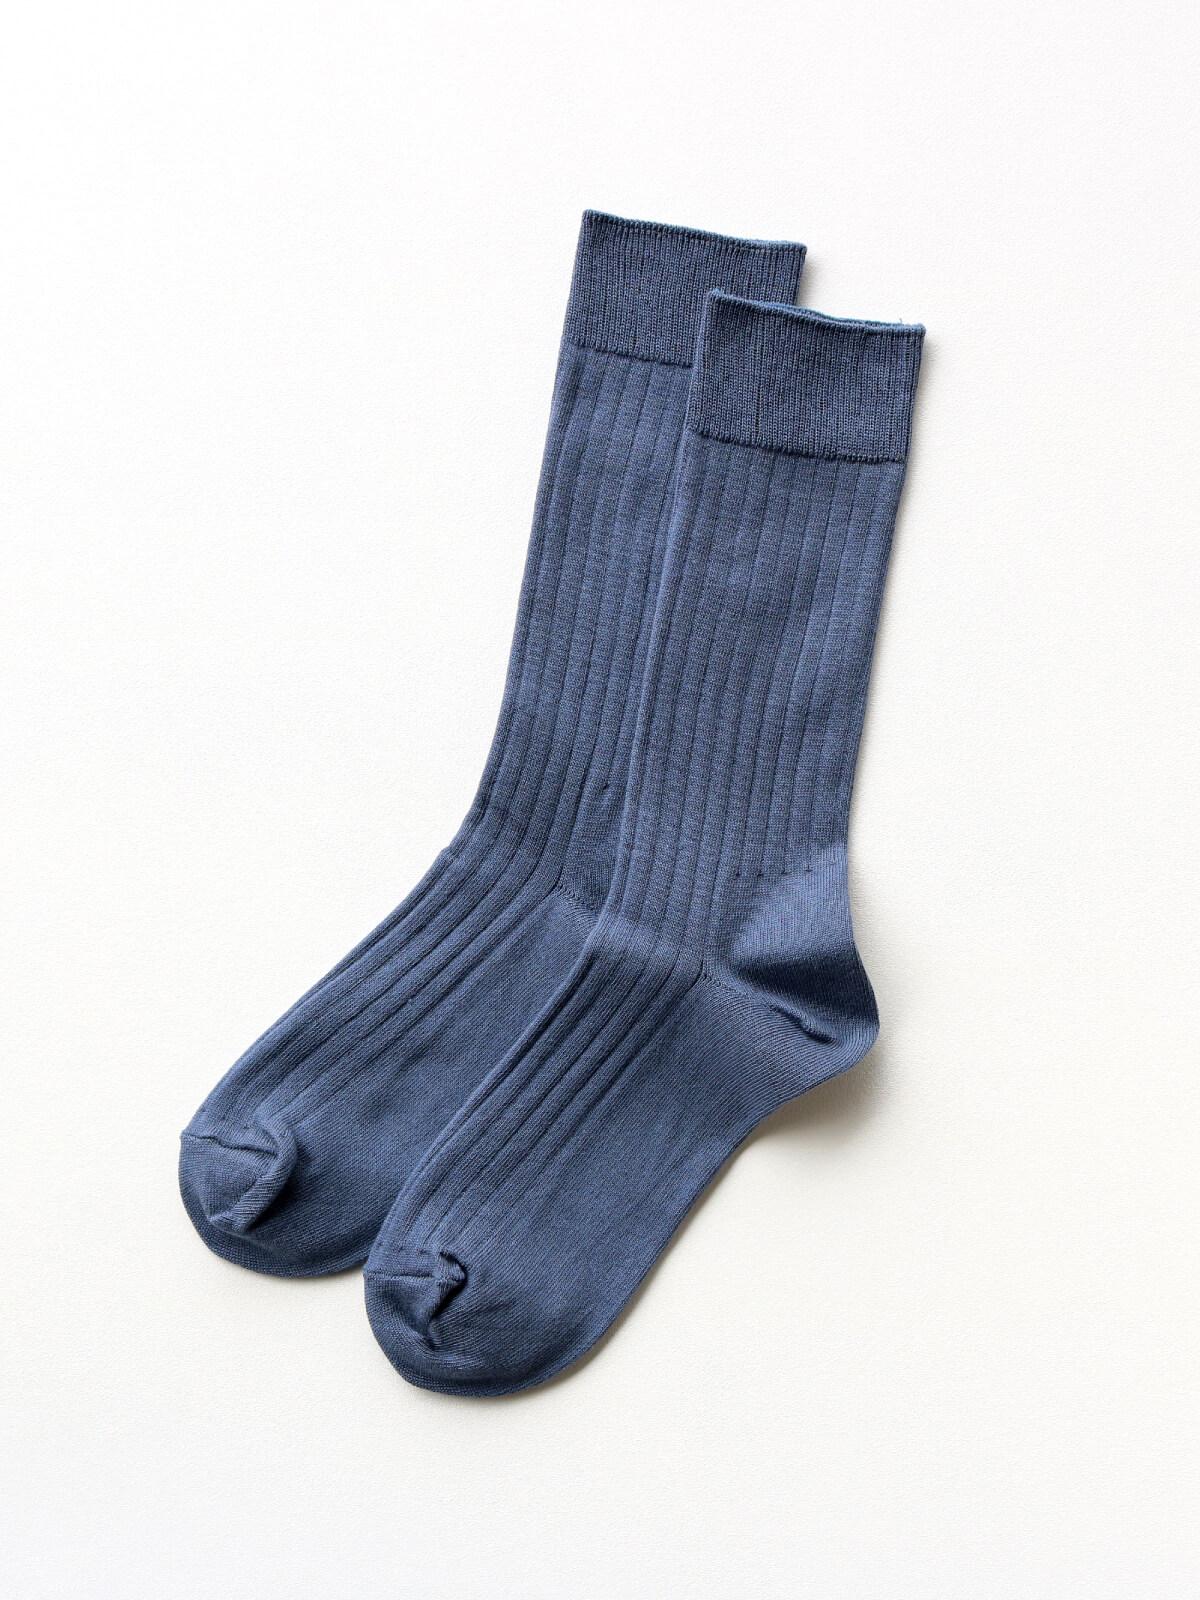 当たりつきギフト専用靴下のLUCKY SOCKS(ラッキーソックス)のLight Rib Socks(ライトリブソックス)のインディゴ_2